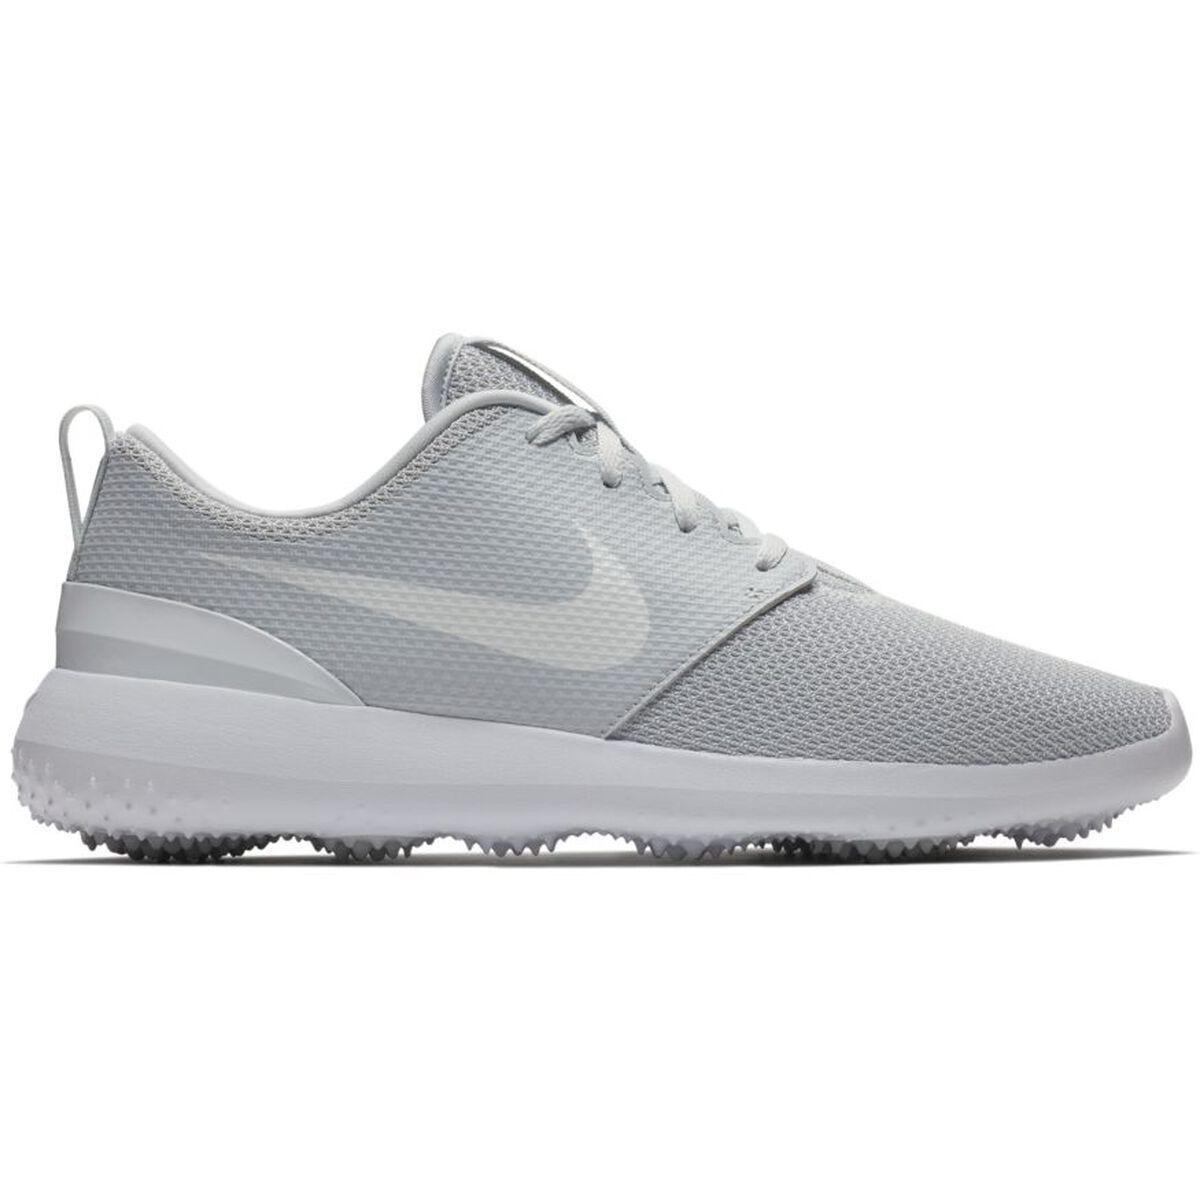 3708fd7843023 Nike Roshe G Men s Golf Shoe - Light Grey